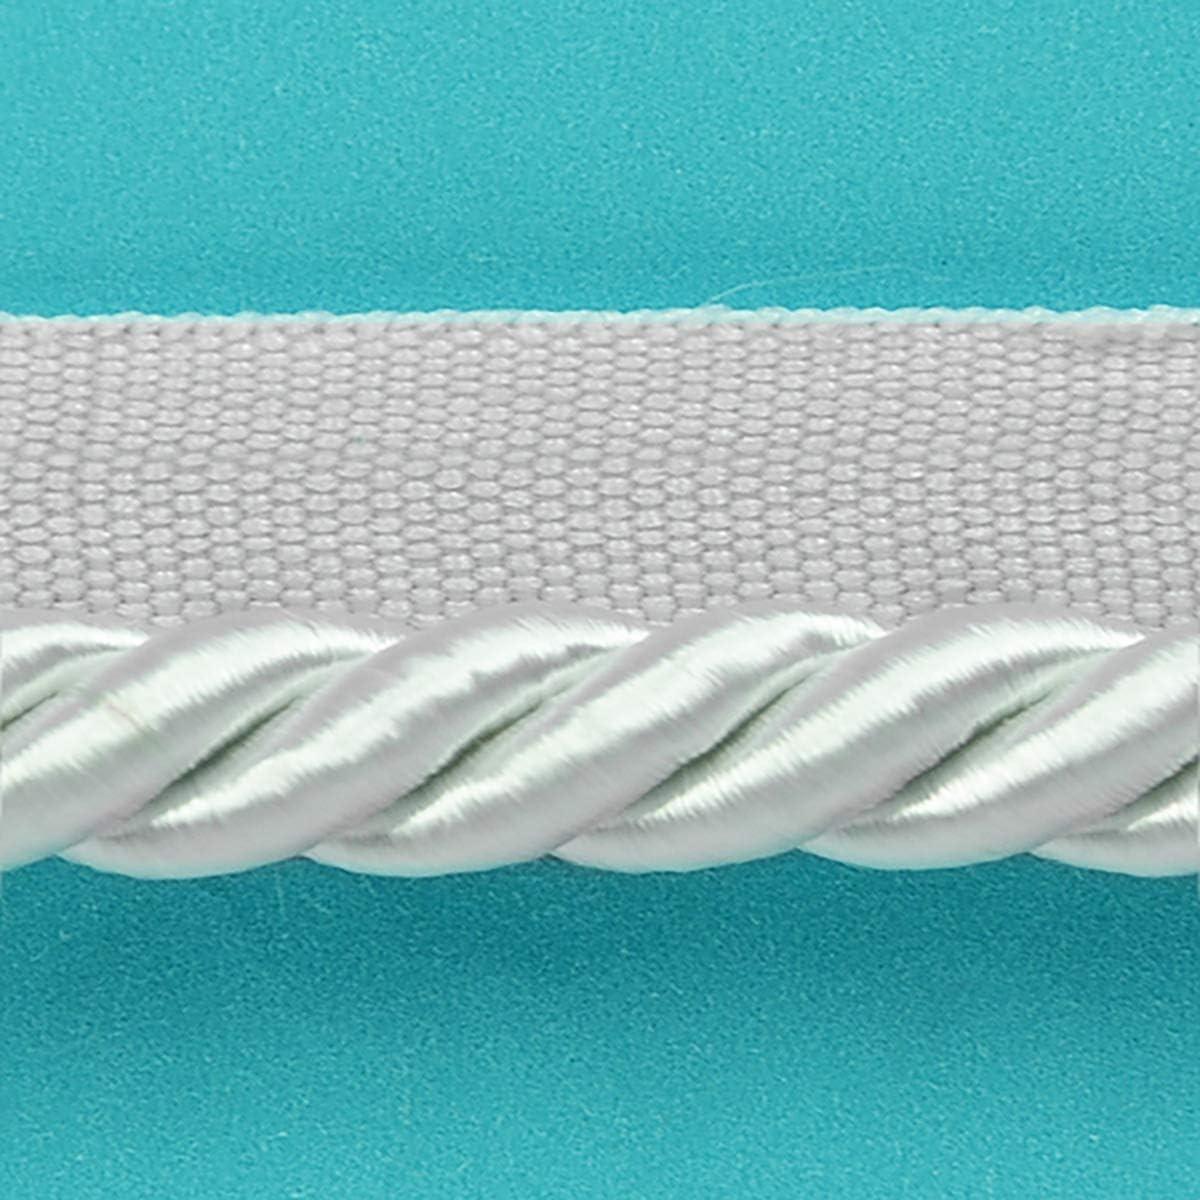 5 Yards of Hilda 3//8 Twisted Lip Cord Trim